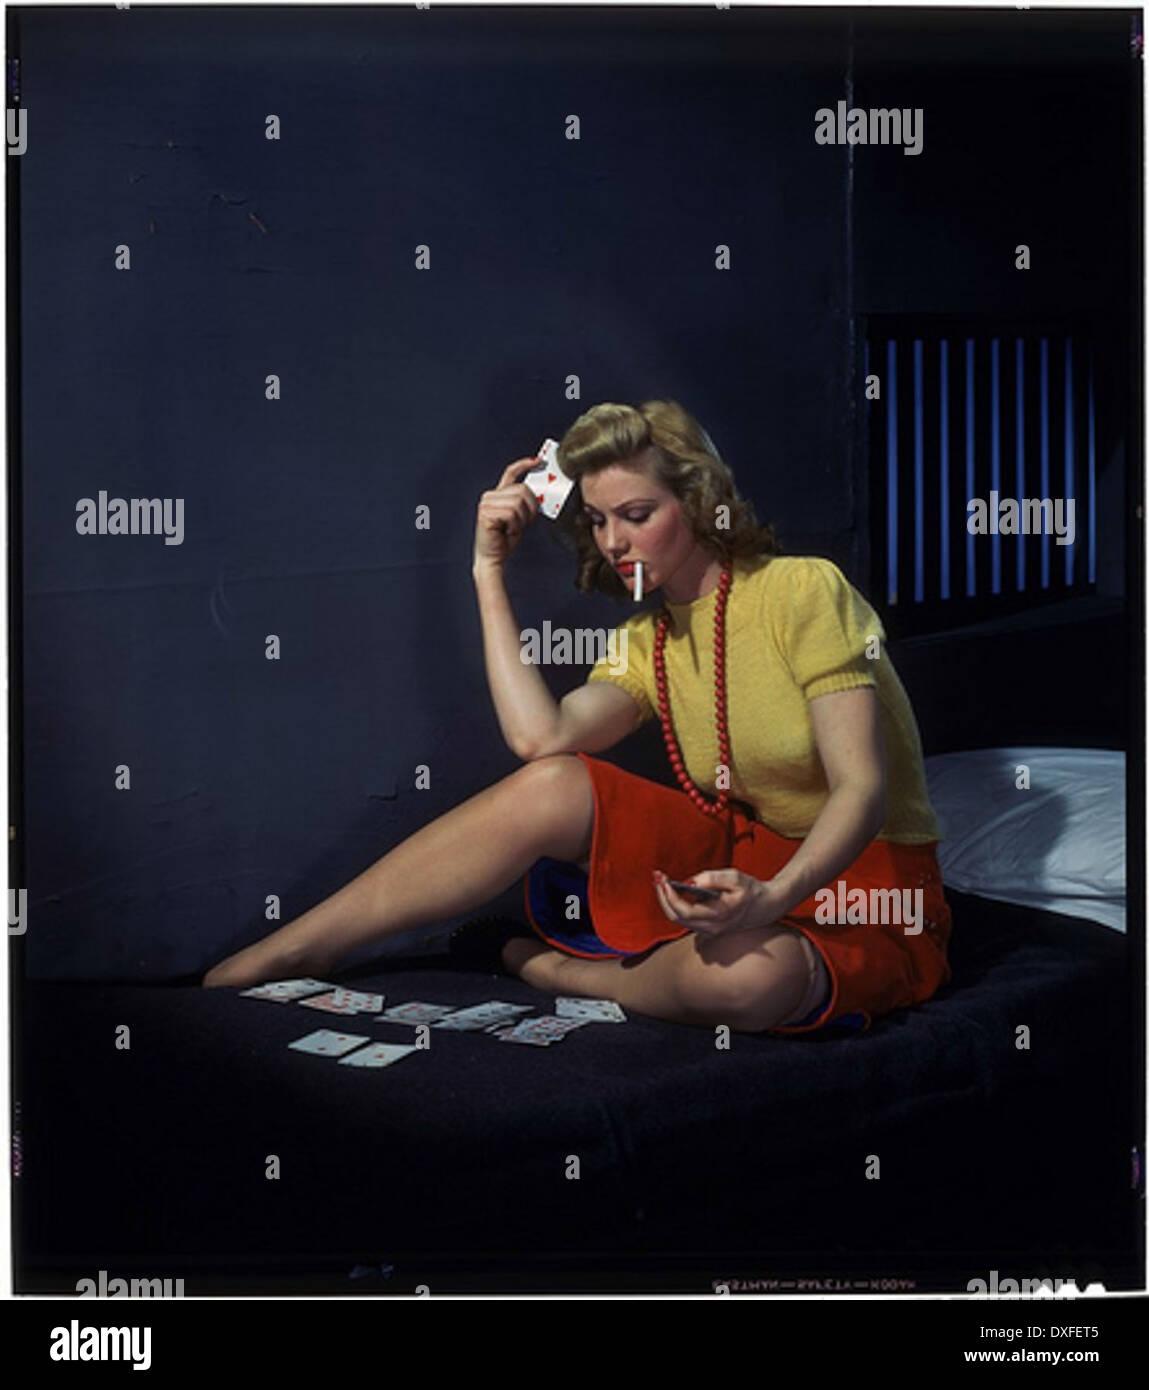 Femme en cellule, jouer solitaire Photo Stock